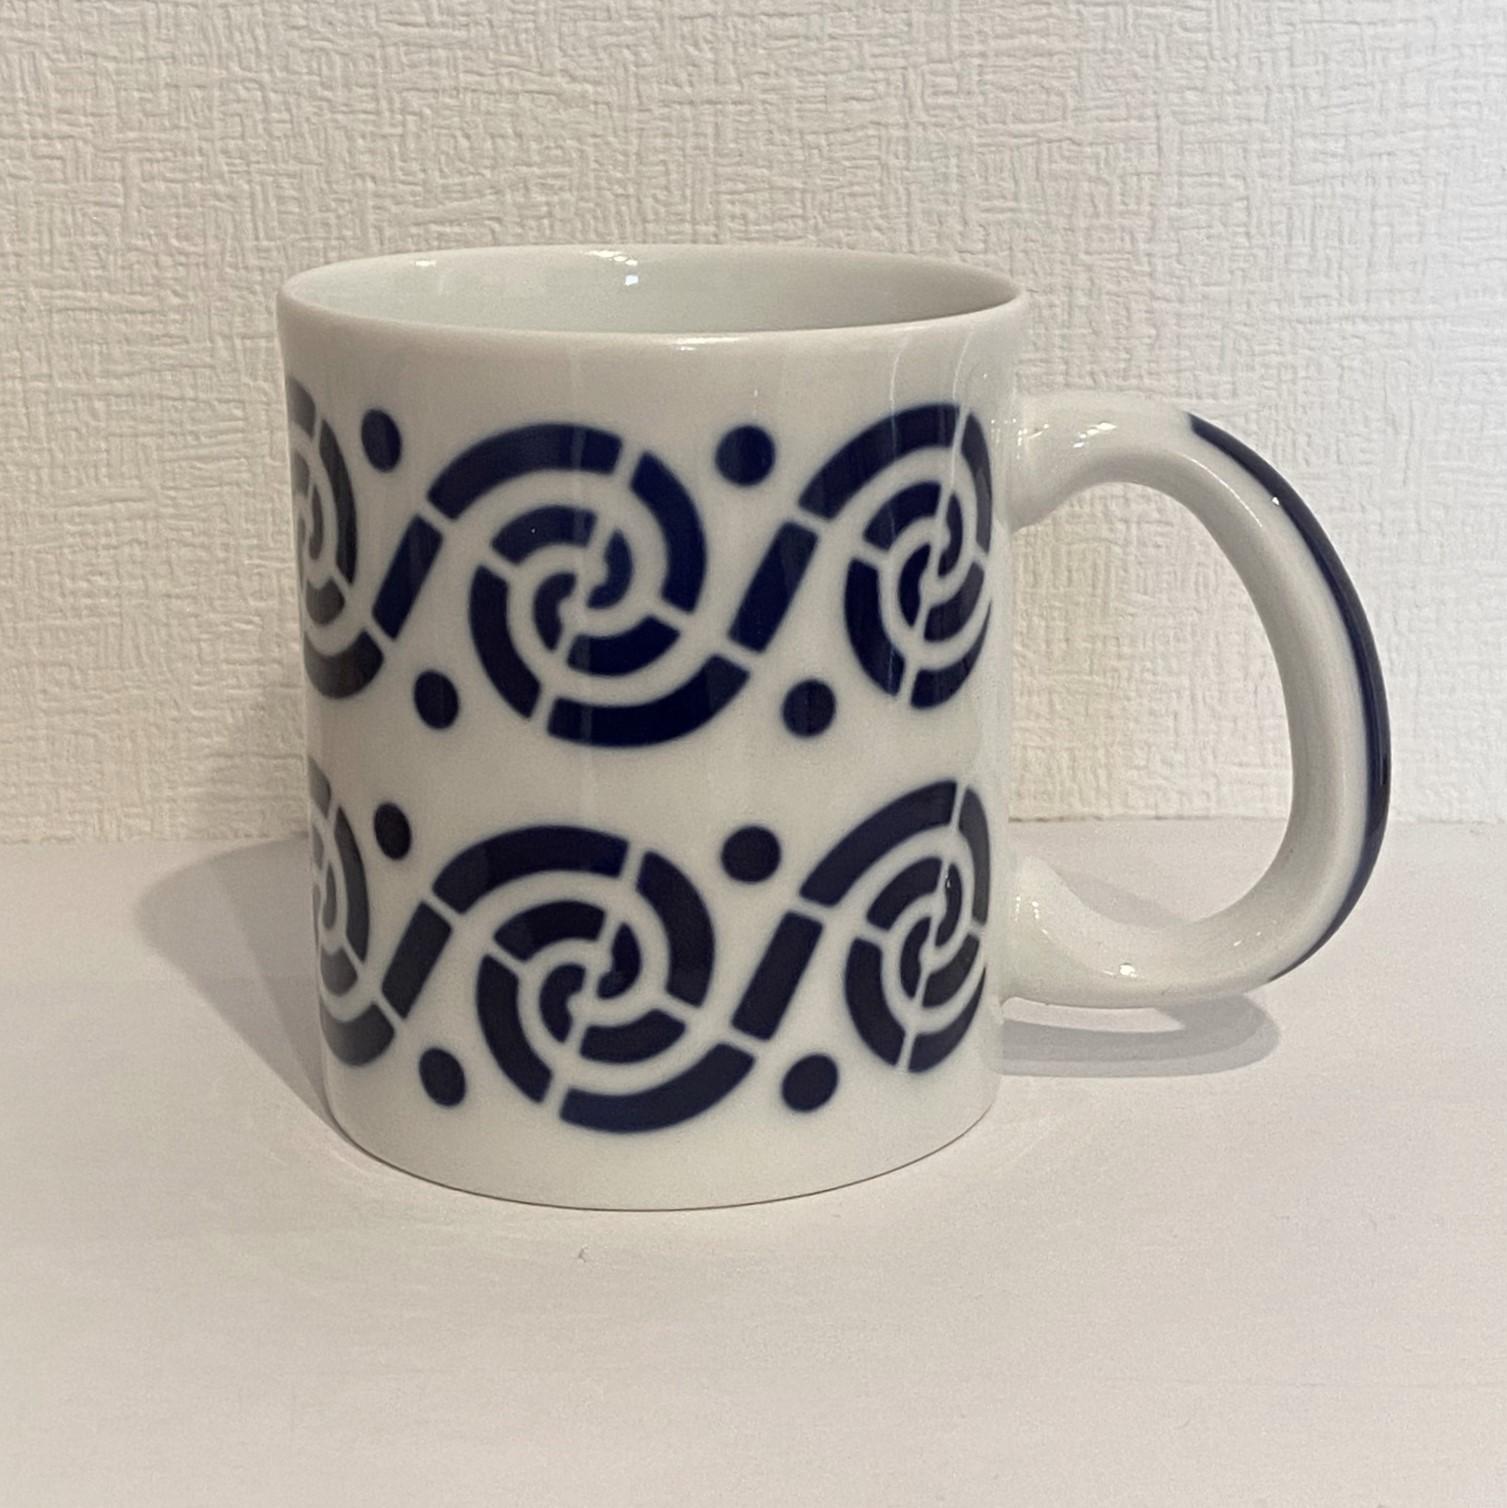 サルガデロス エスピロイデ マグカップ  SARGADELOS espiloide Mug Cup